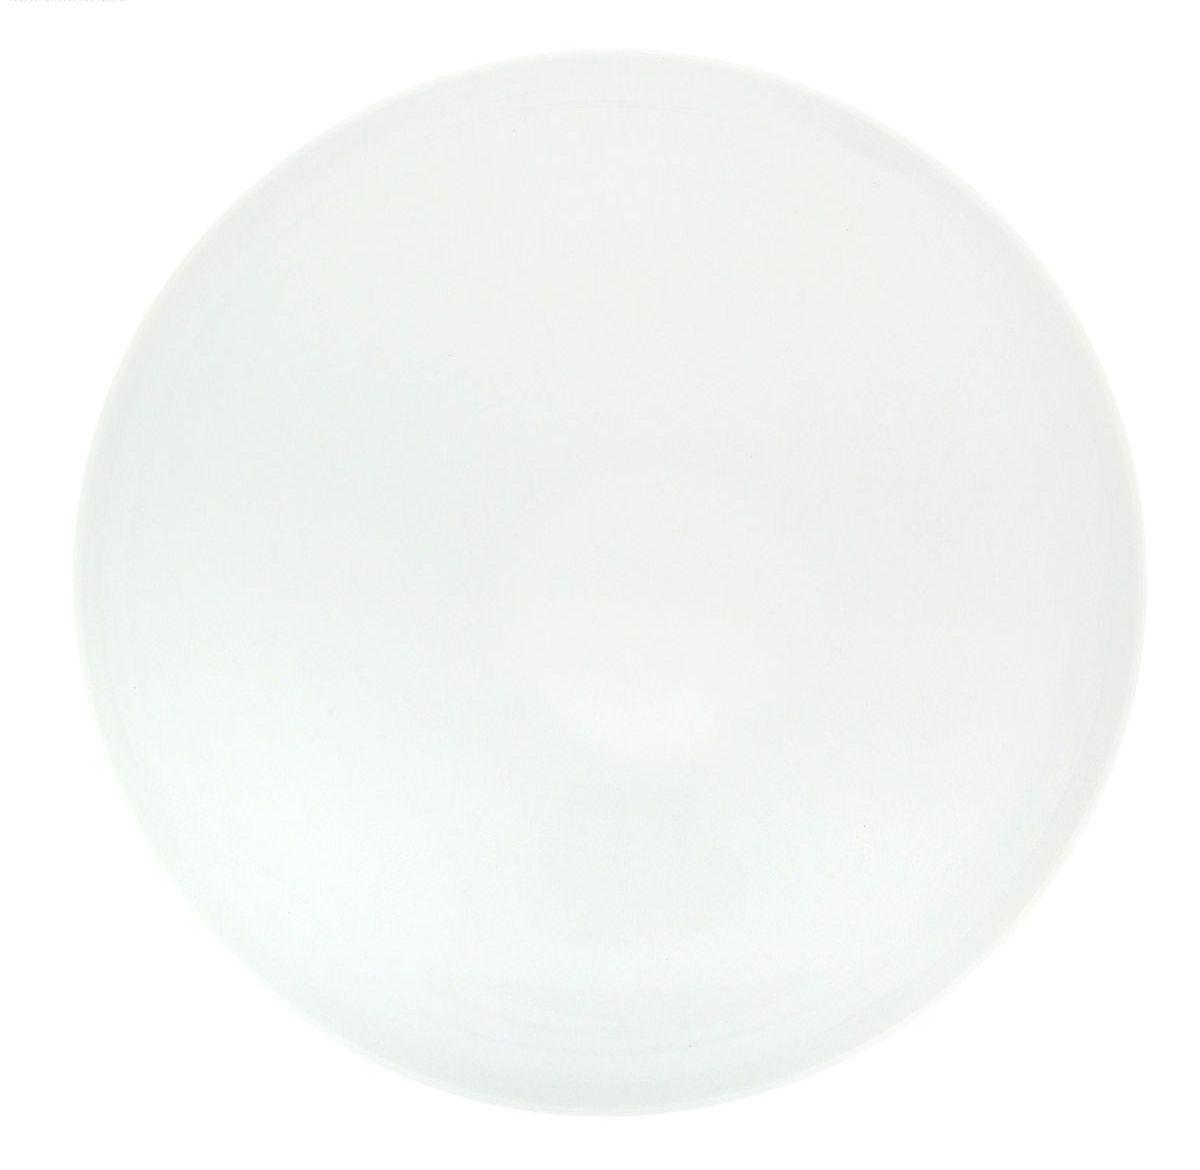 Блюдо для пиццы Белье, диаметр 30 см6С0007Оригинальное круглое блюдо Белье, изготовленное из фарфора с глазурованным покрытием, идеально подойдет для подачи пиццы, а также других блюд. Оно украсит ваш кухонный стол, а также станет замечательным подарком к любому празднику.